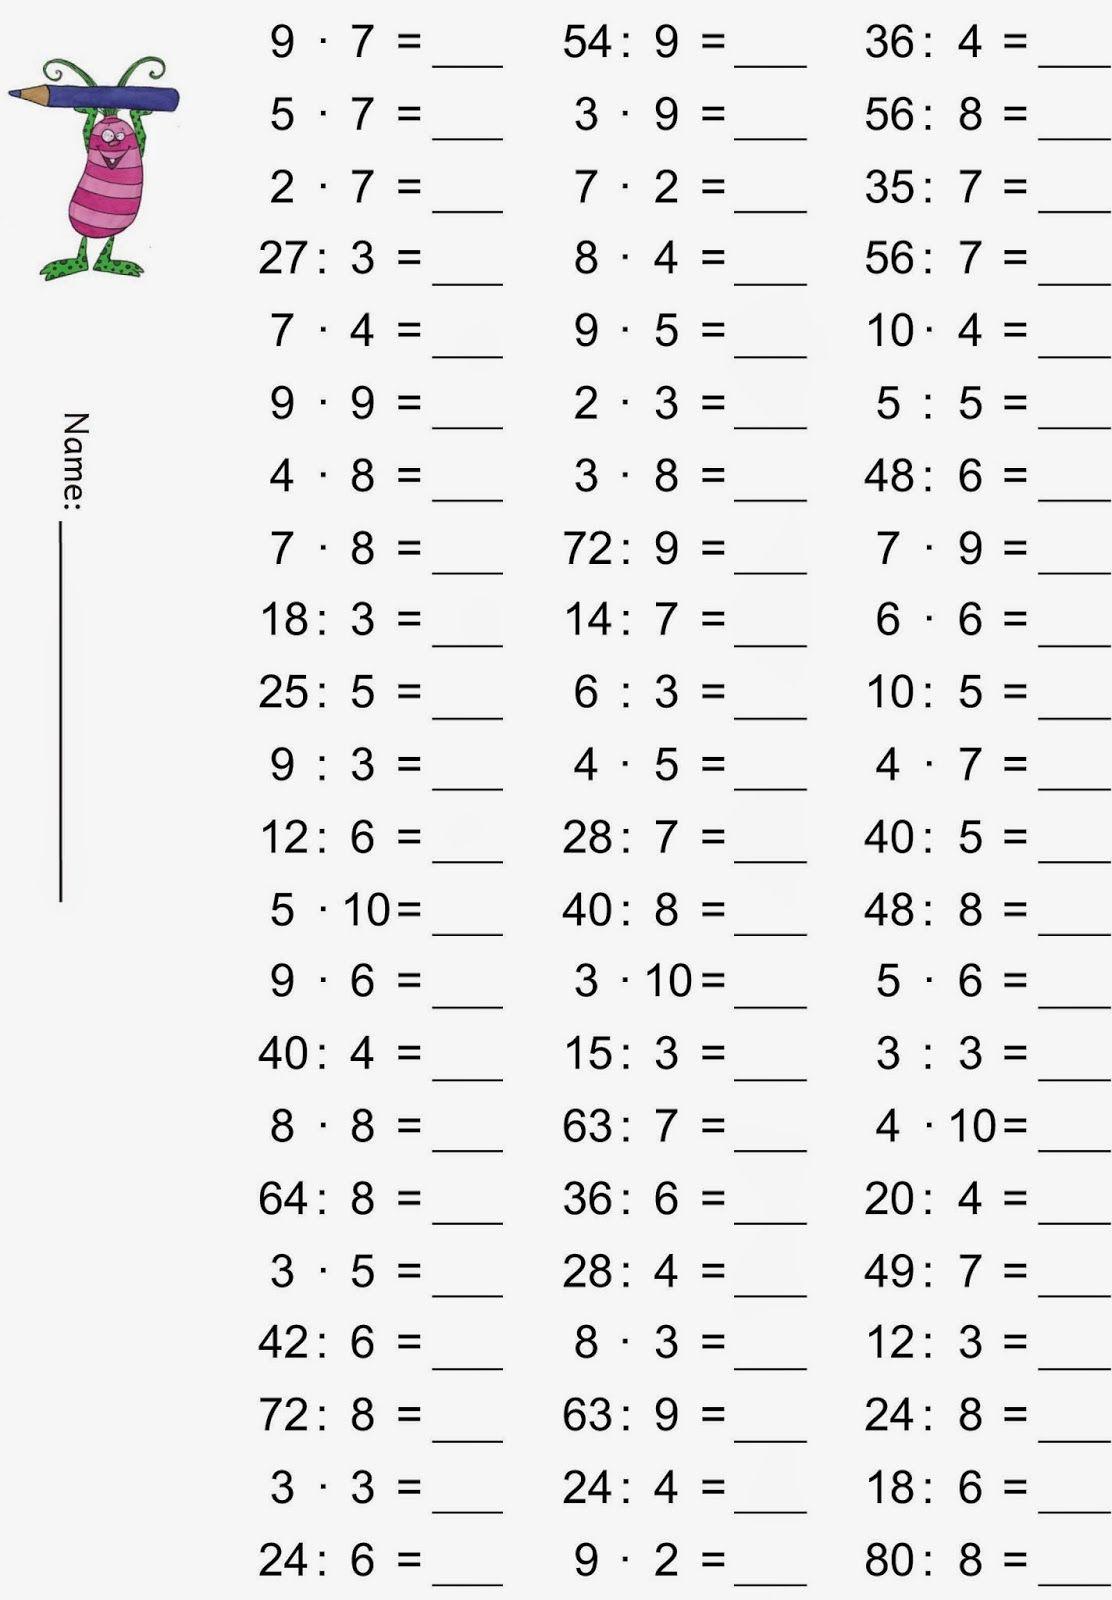 Einmaleins - gemischte Übungsaufgaben   matek   Pinterest   Math ...